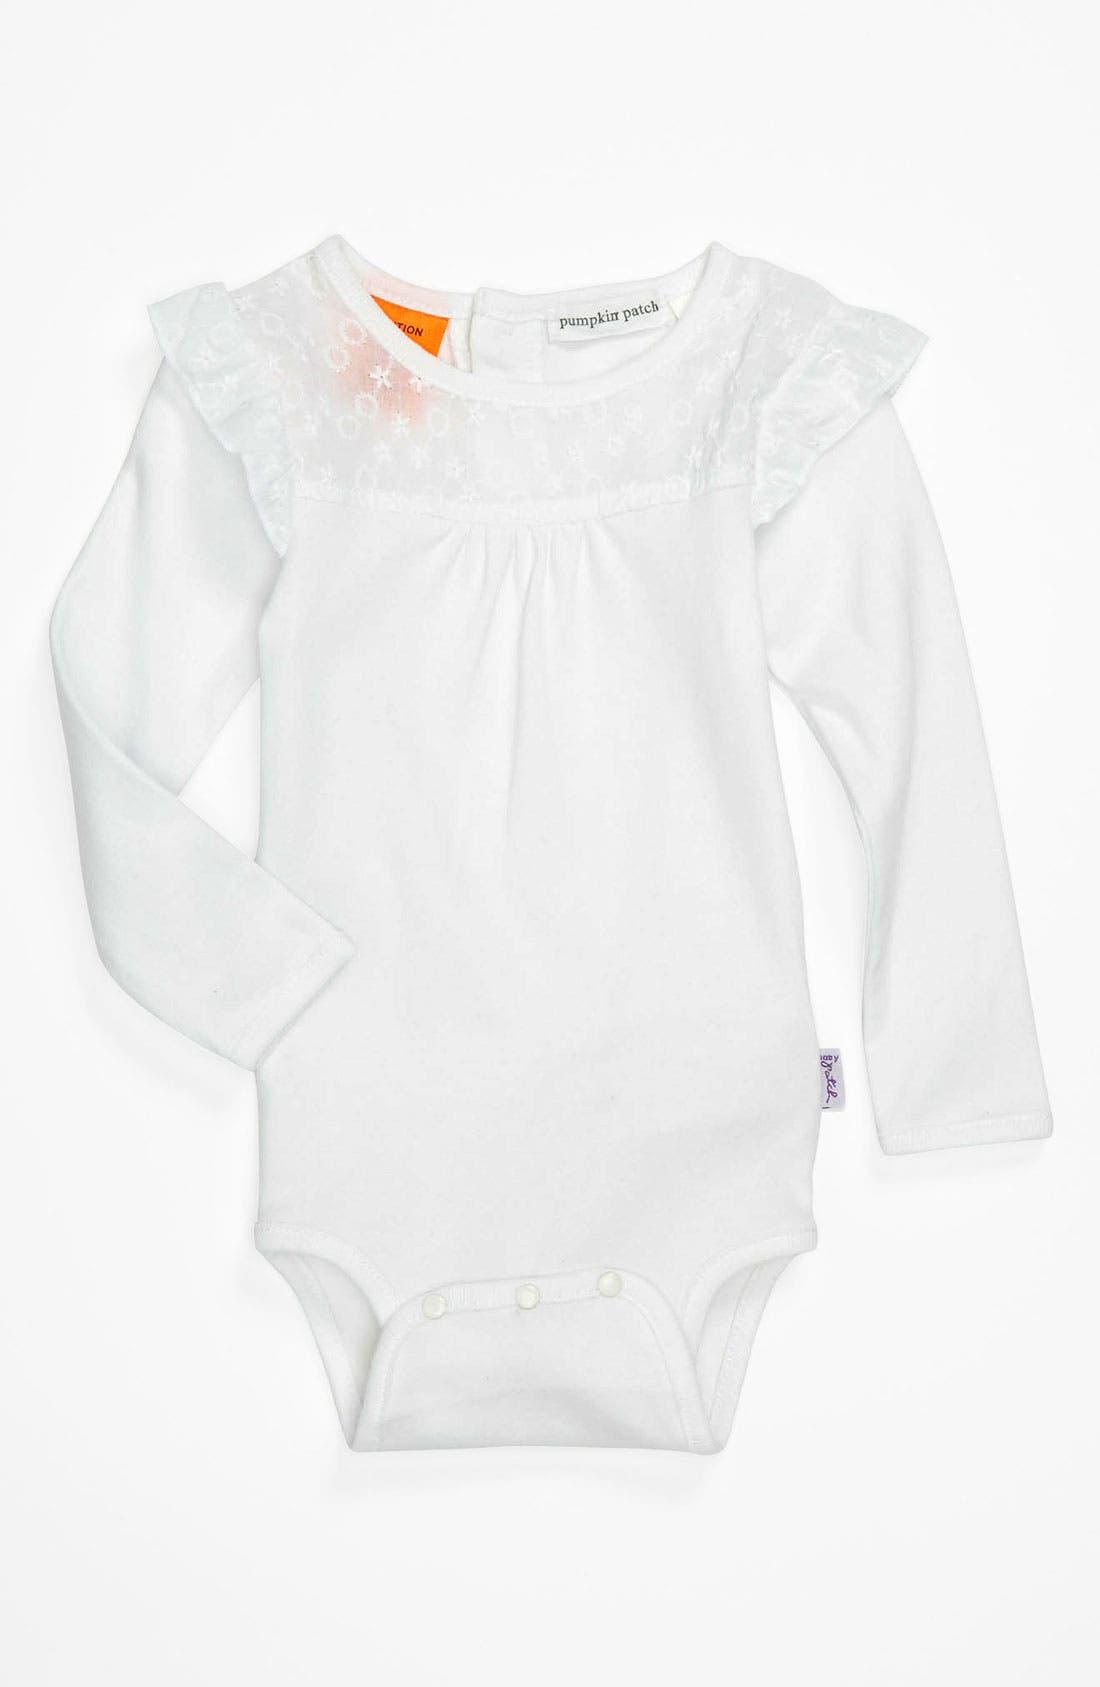 Main Image - Pumpkin Patch 'Flutter & Lace' Long Sleeve Bodysuit (Infant)